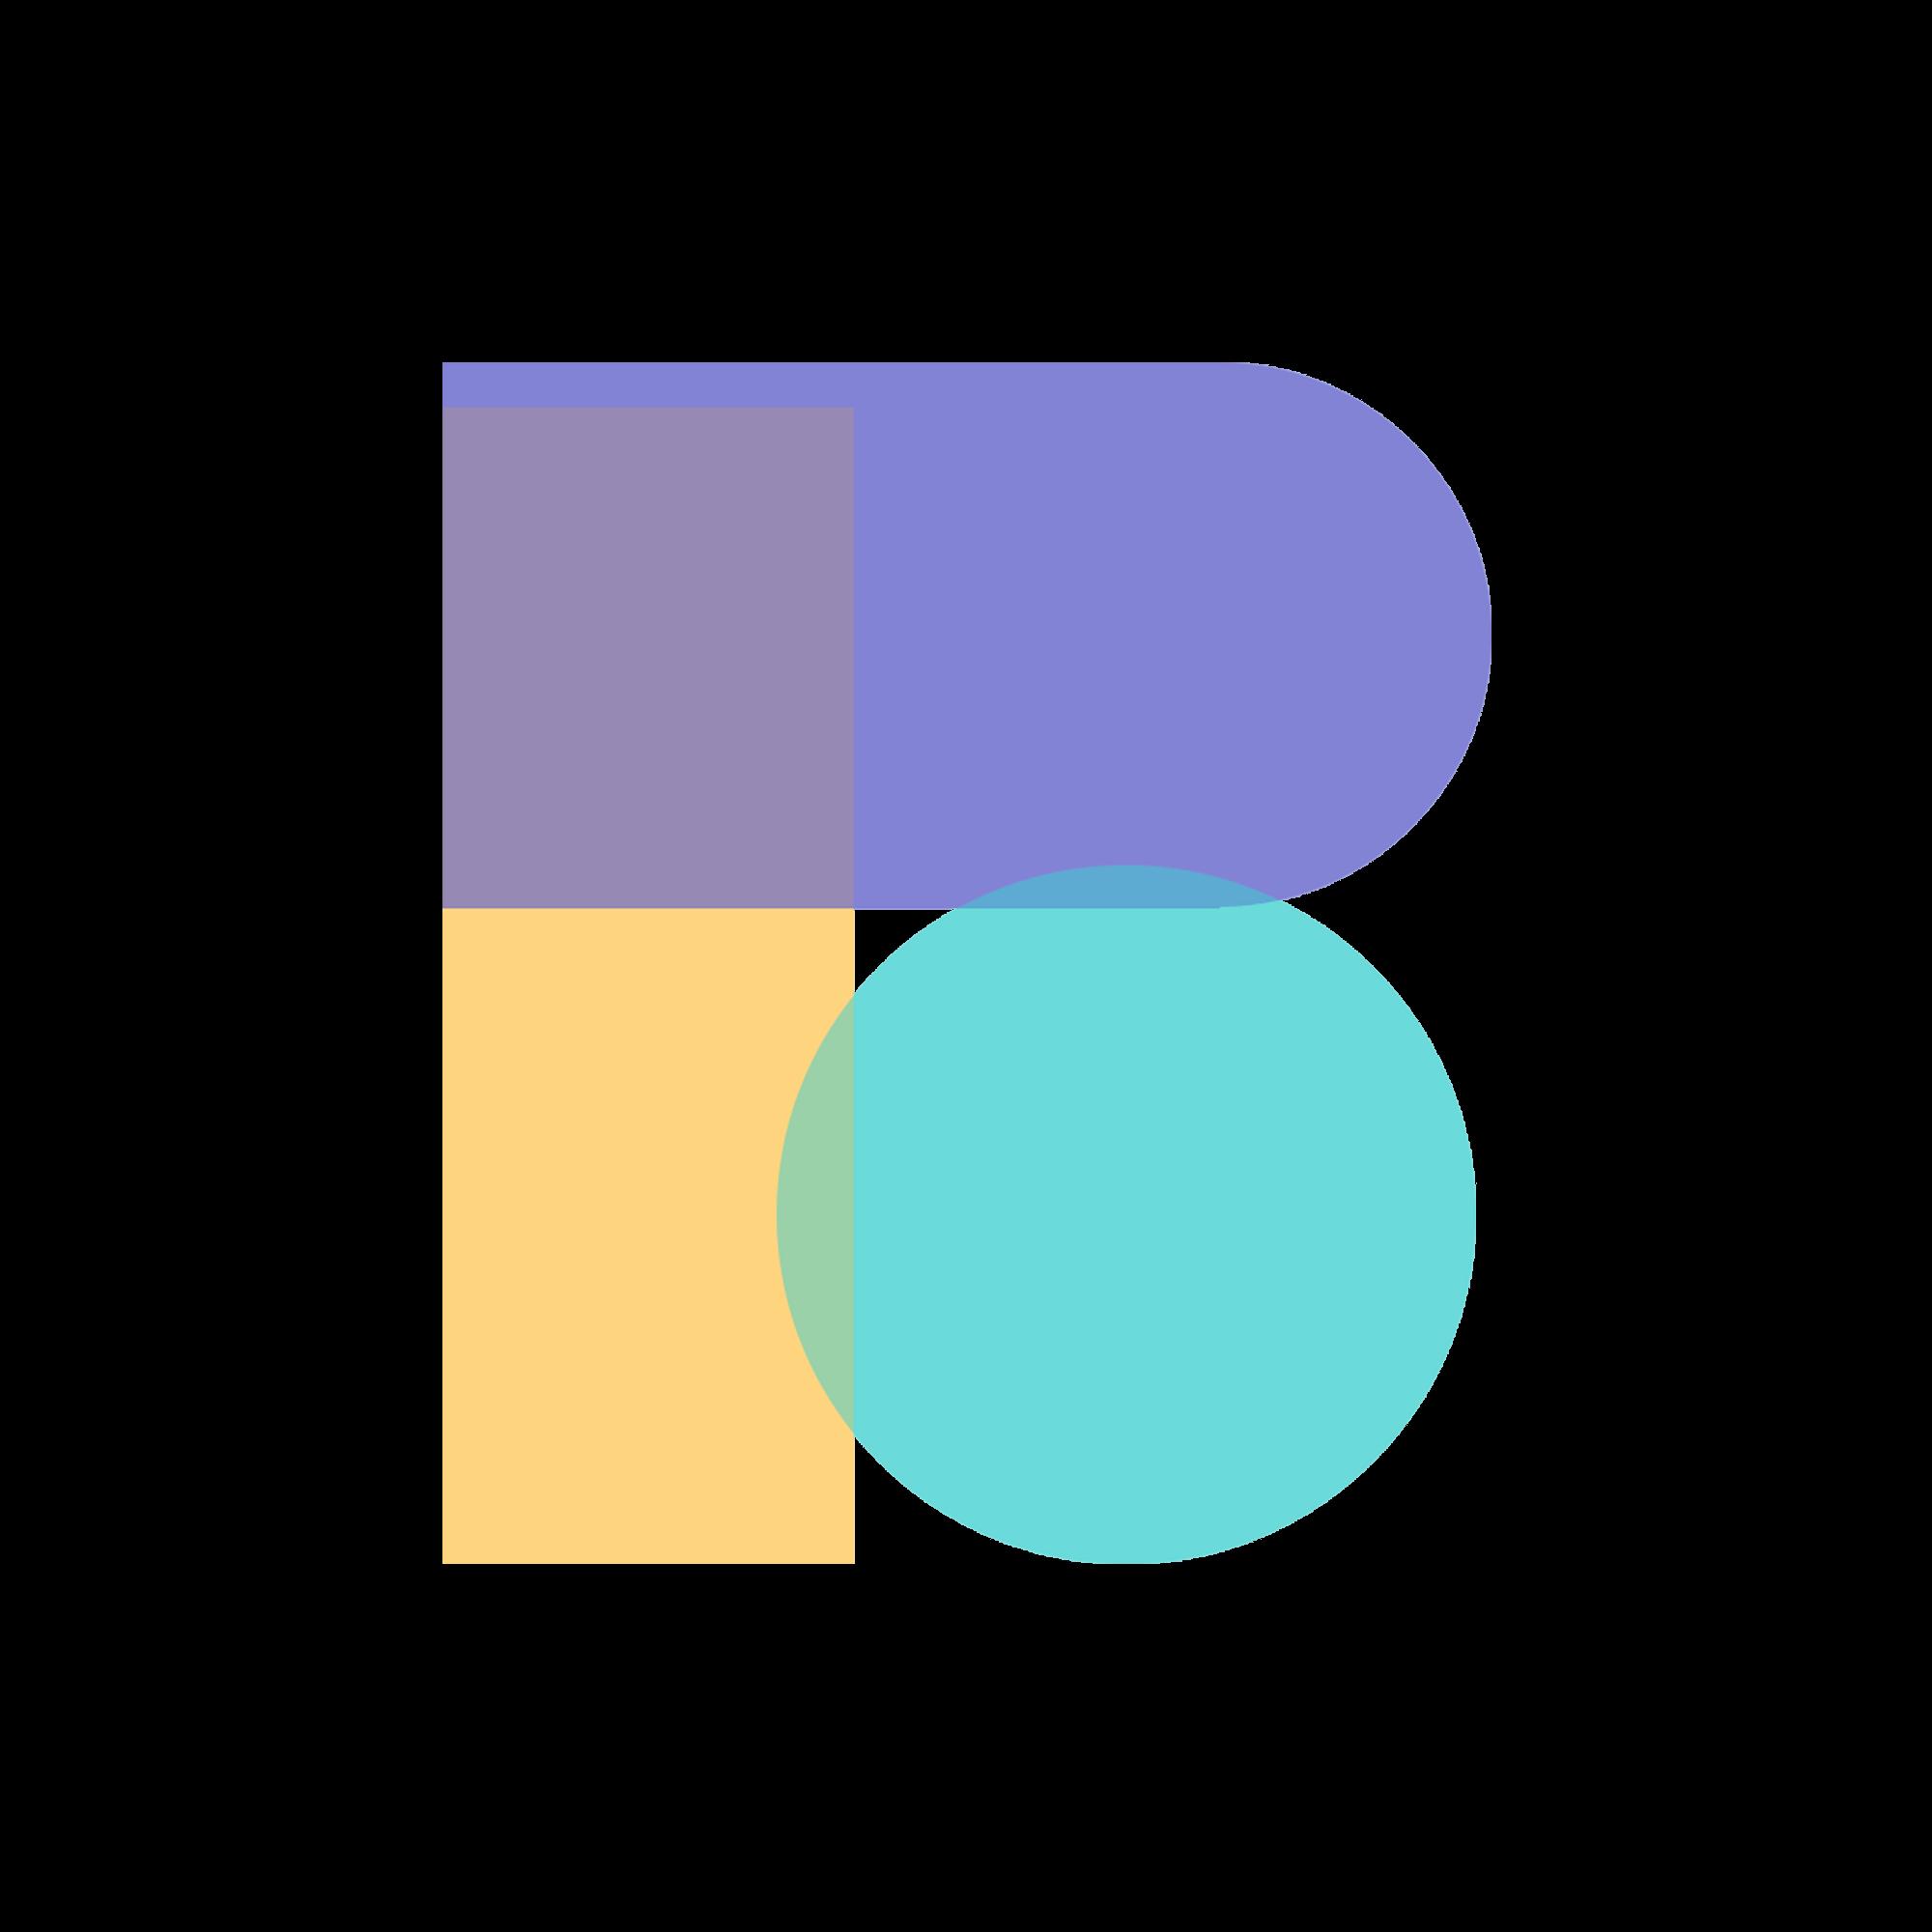 Logo_vor_Schwarz